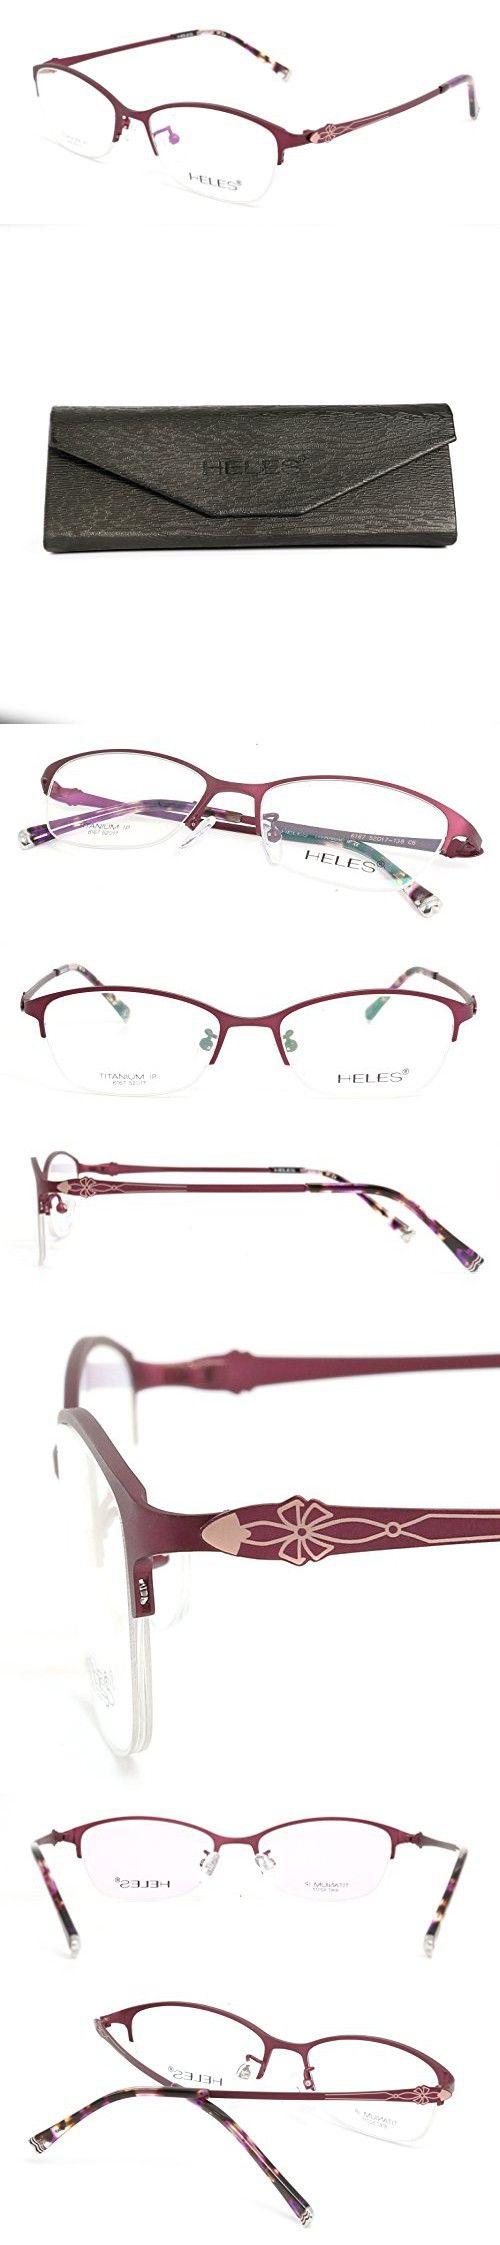 Heles Women Sexy Pure Tianium Half Rim Glasses Optical Frame, Prescription Eyeglasses Frames, Black 52/17/138